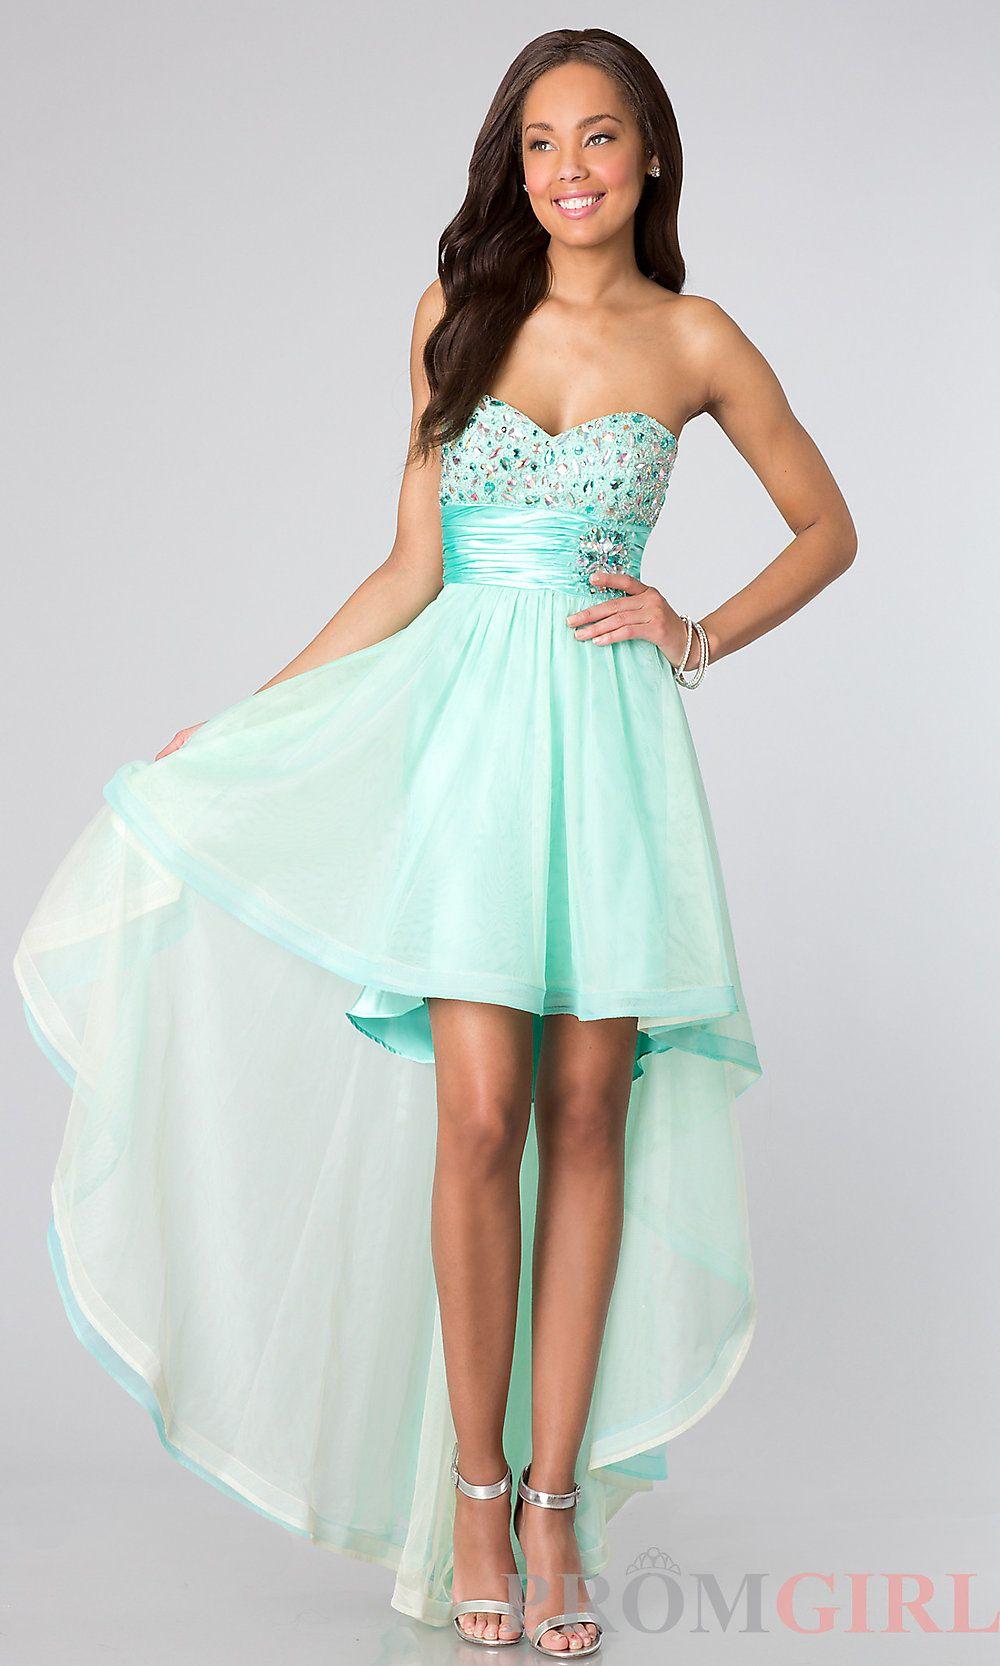 Strapless High Low Dresses Strapless Junior Prom Dress- PromGirl | Formal Dresses | Pinterest ...